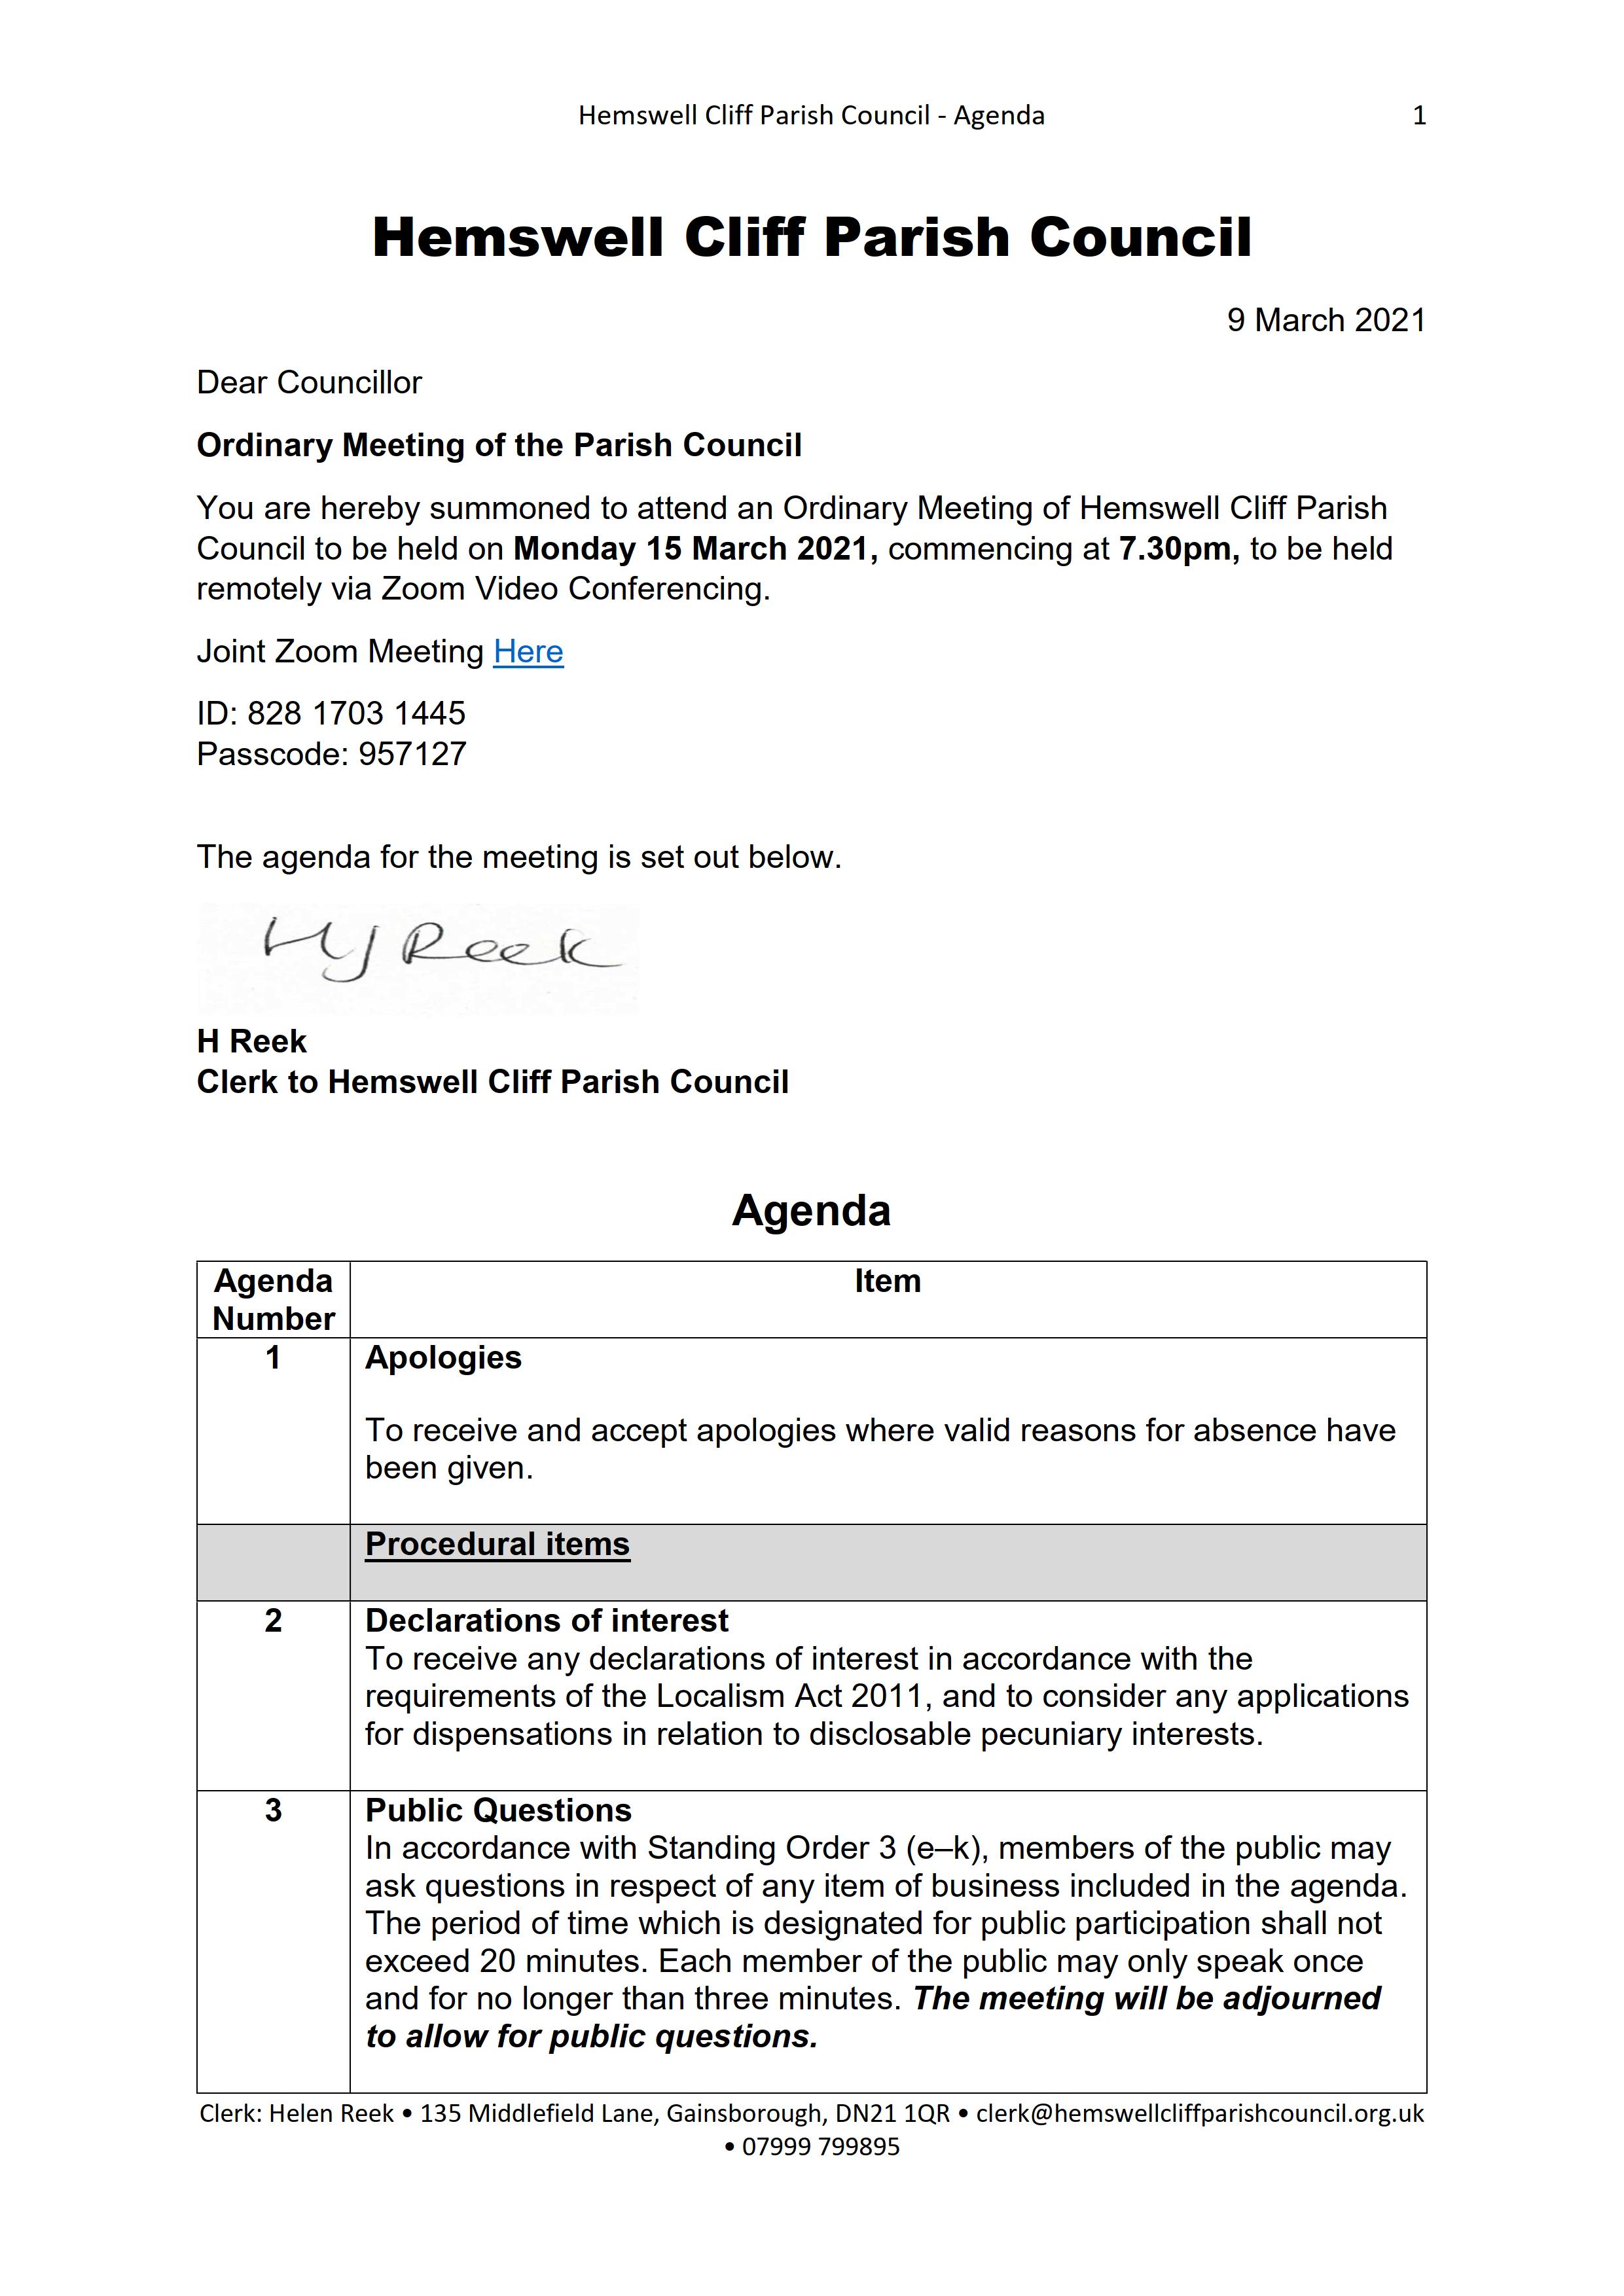 HCPC_Agenda_15.03.21_1.png